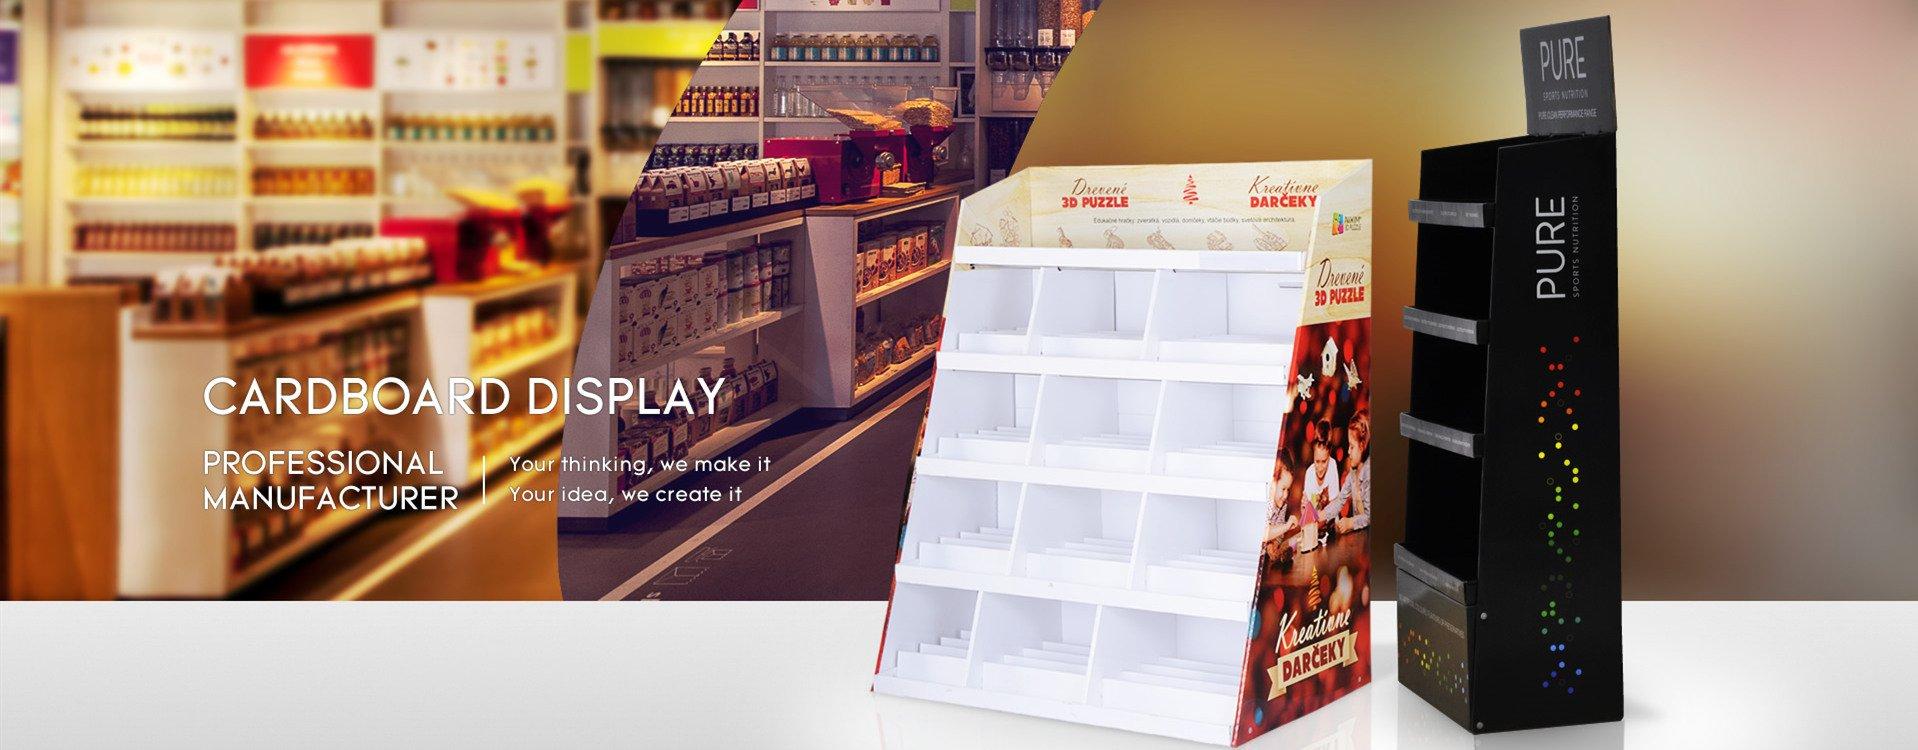 wholdale cardboard display